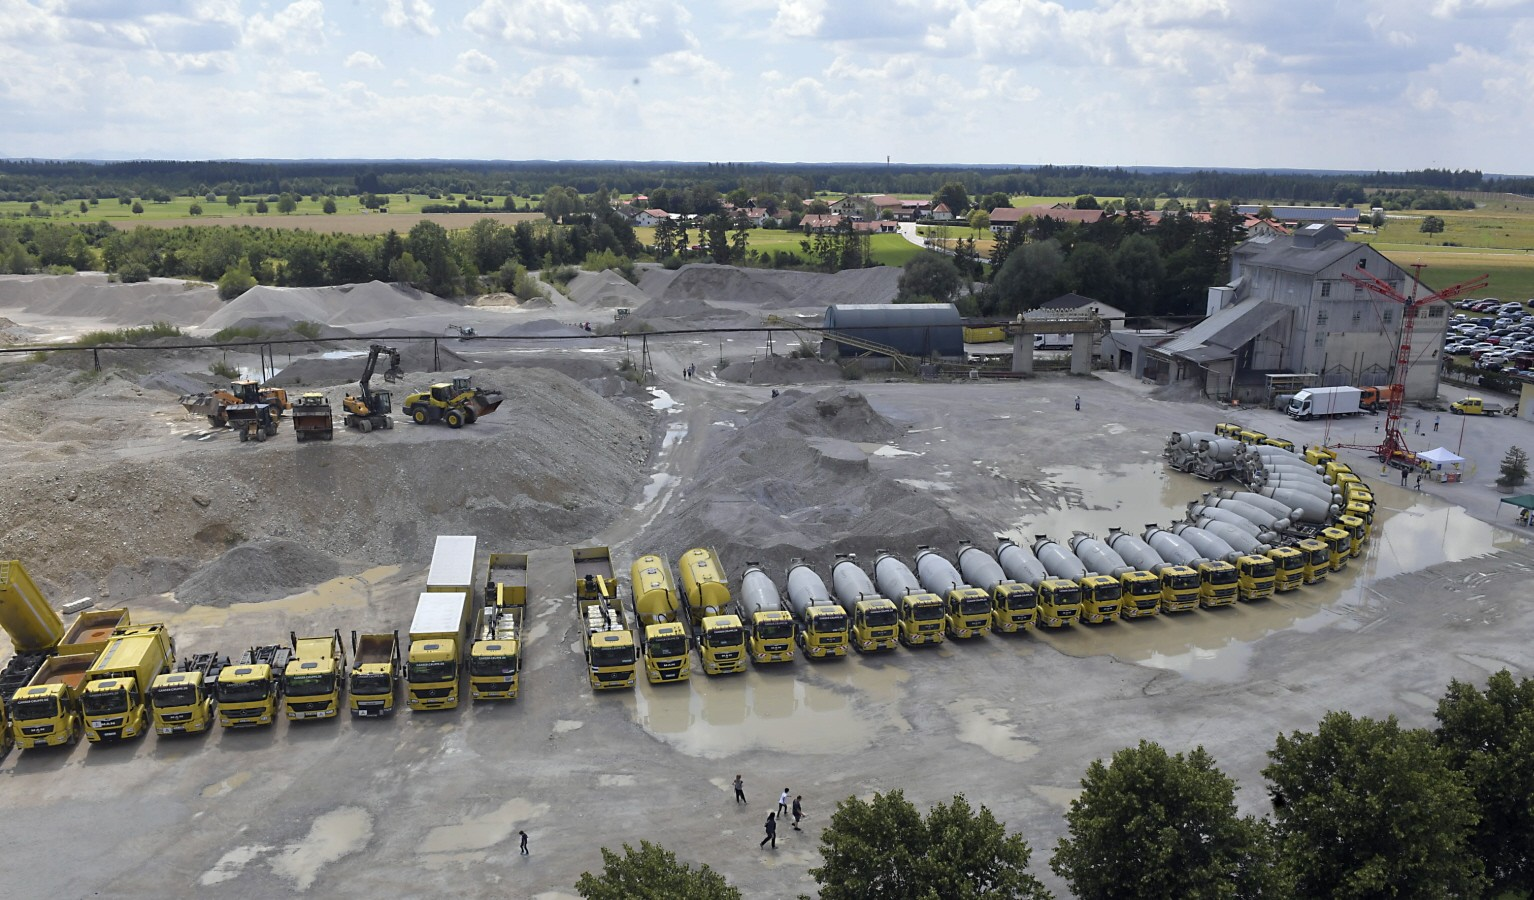 München: Vom Kiesabbau zur Wasserstoff-Technologie